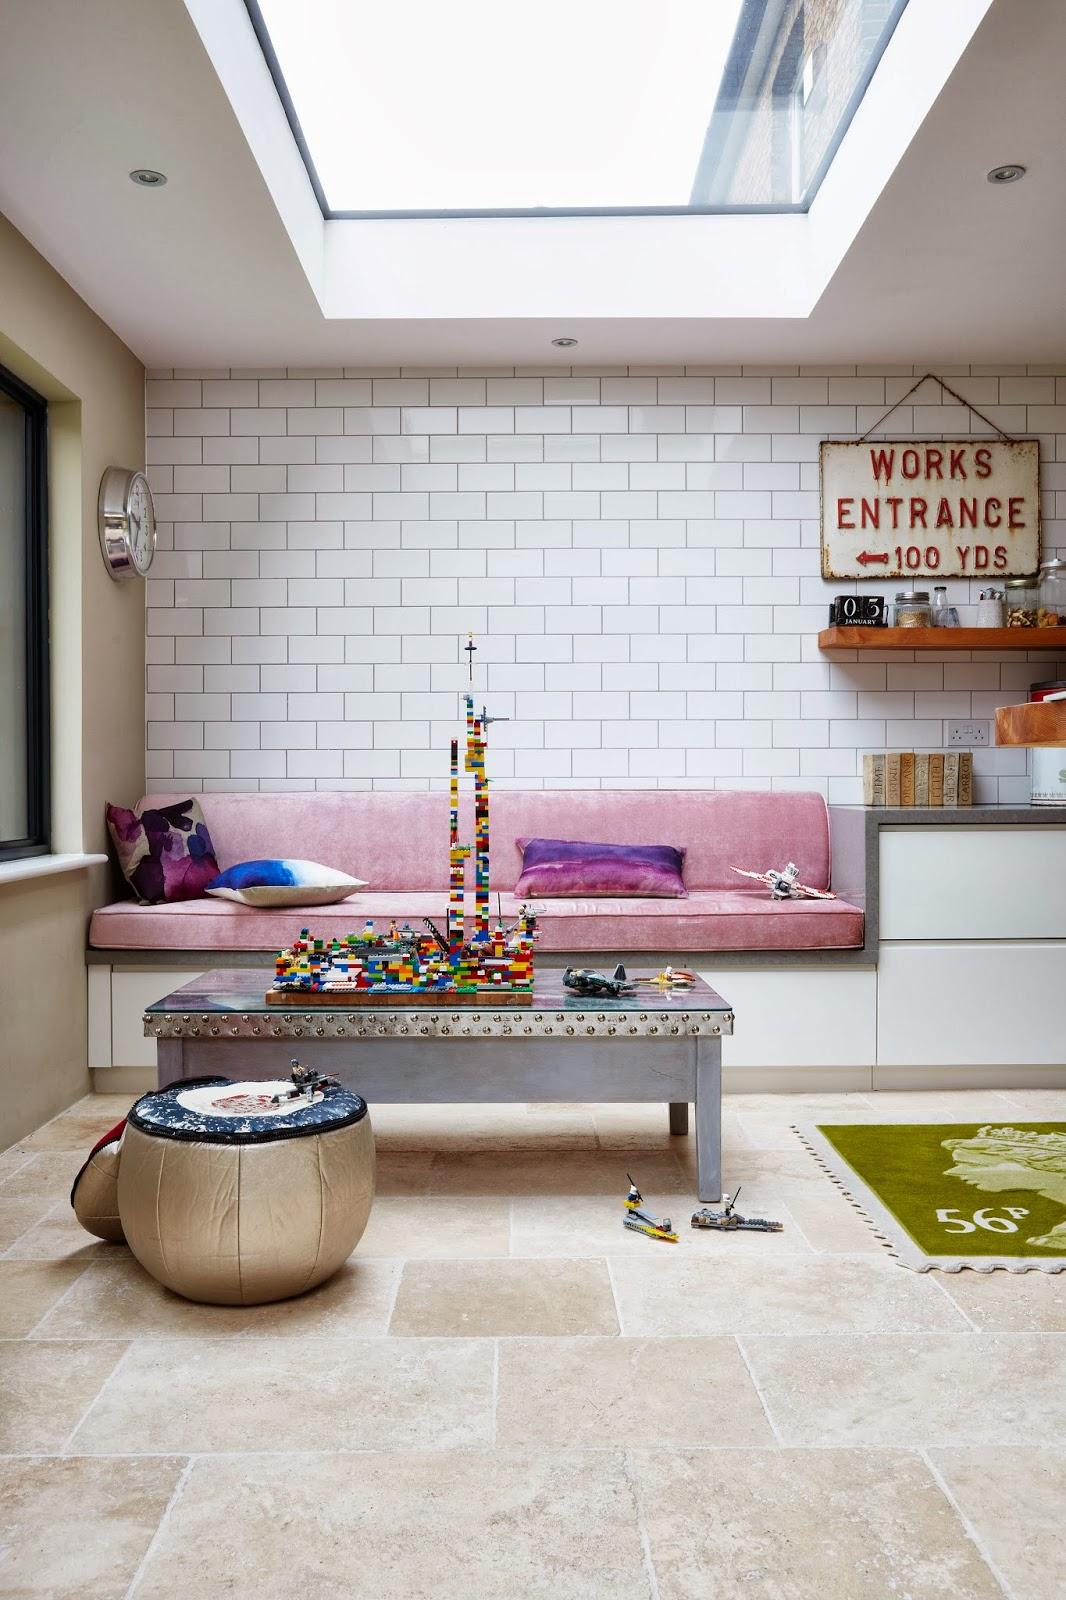 4bb23dab Innebygd slagbenk/sofabenk med verdens deiligste rosafarge i matt fløyel.  Utrolig hvor stor effekt det har, og hvordan fargen varmer opp hele rommet!